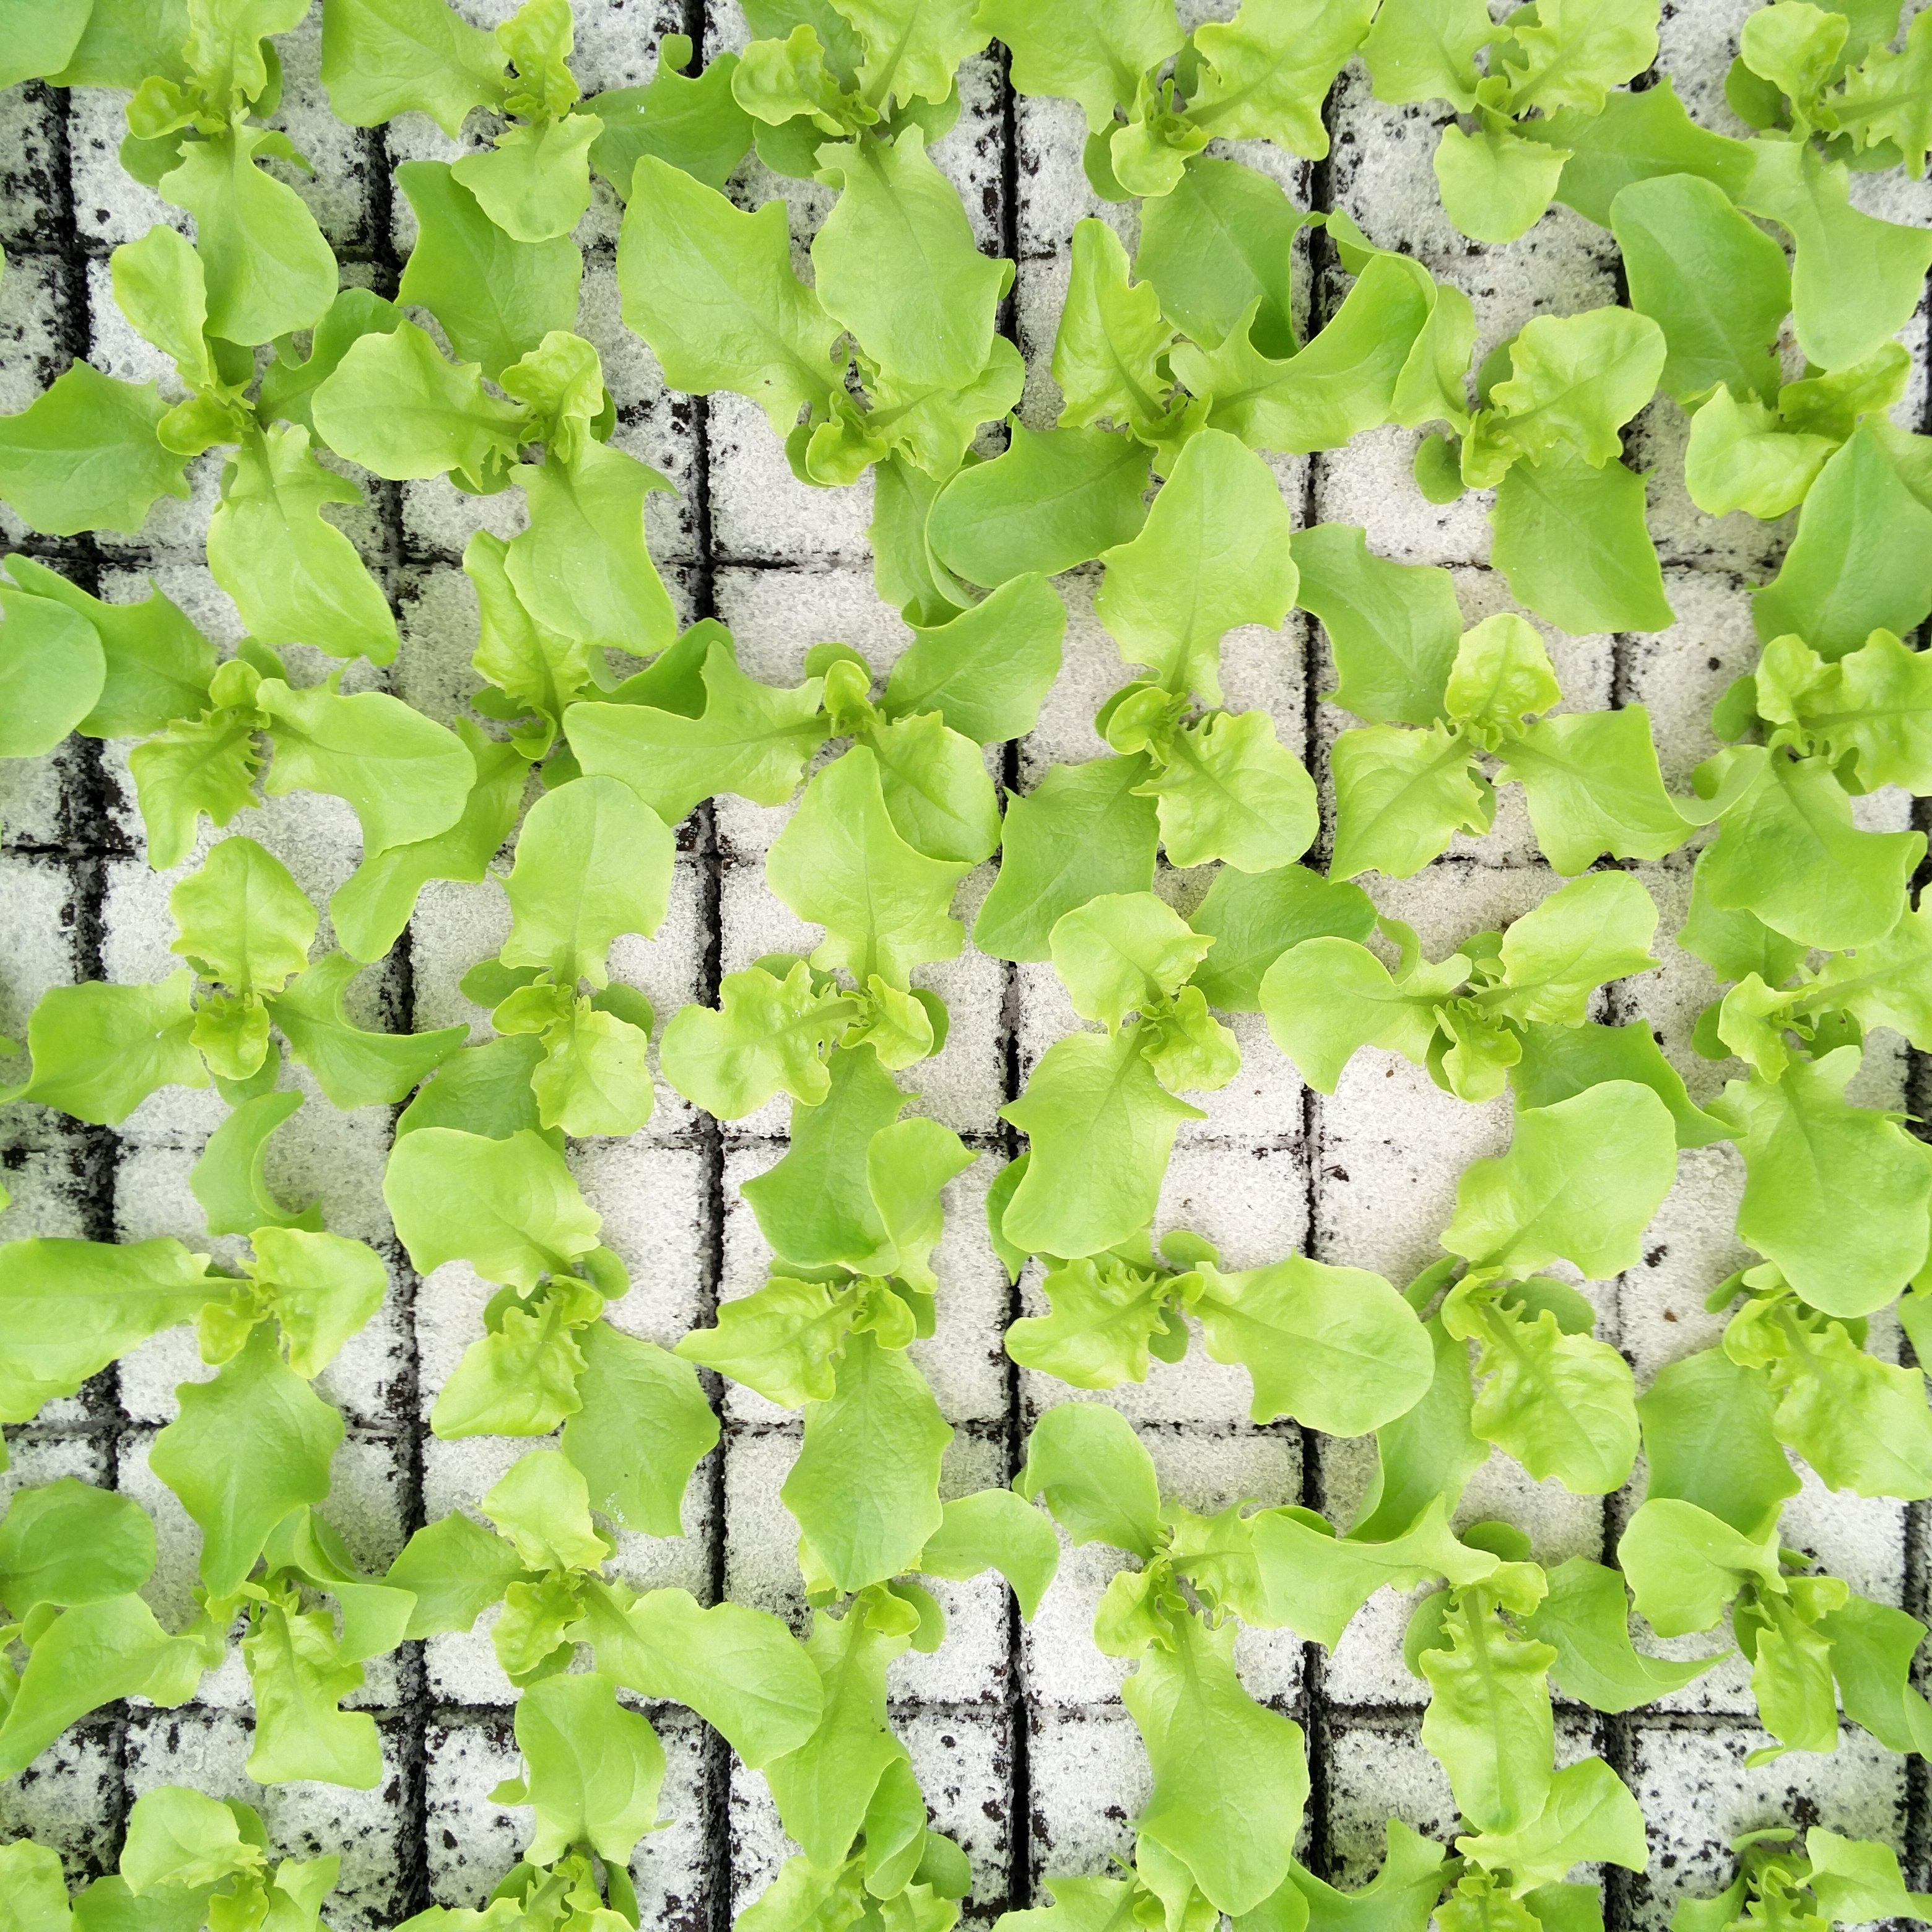 Eikeblad groen Image